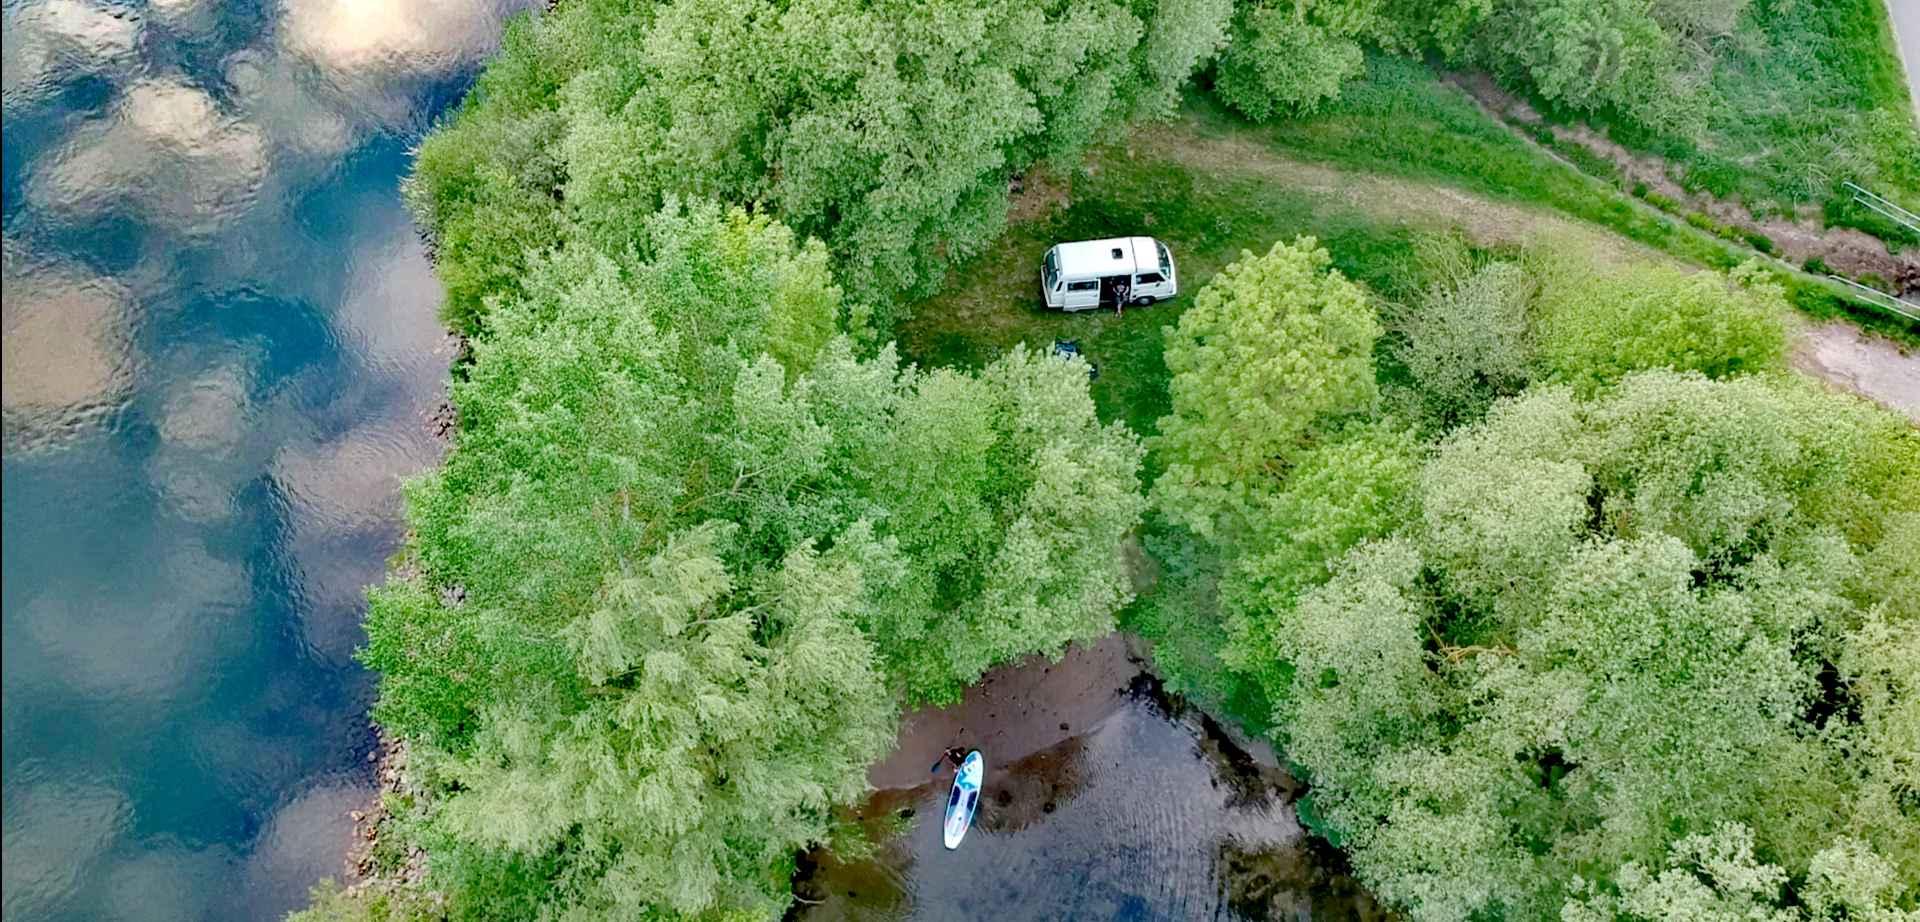 SUP und VW Bus am Fluss